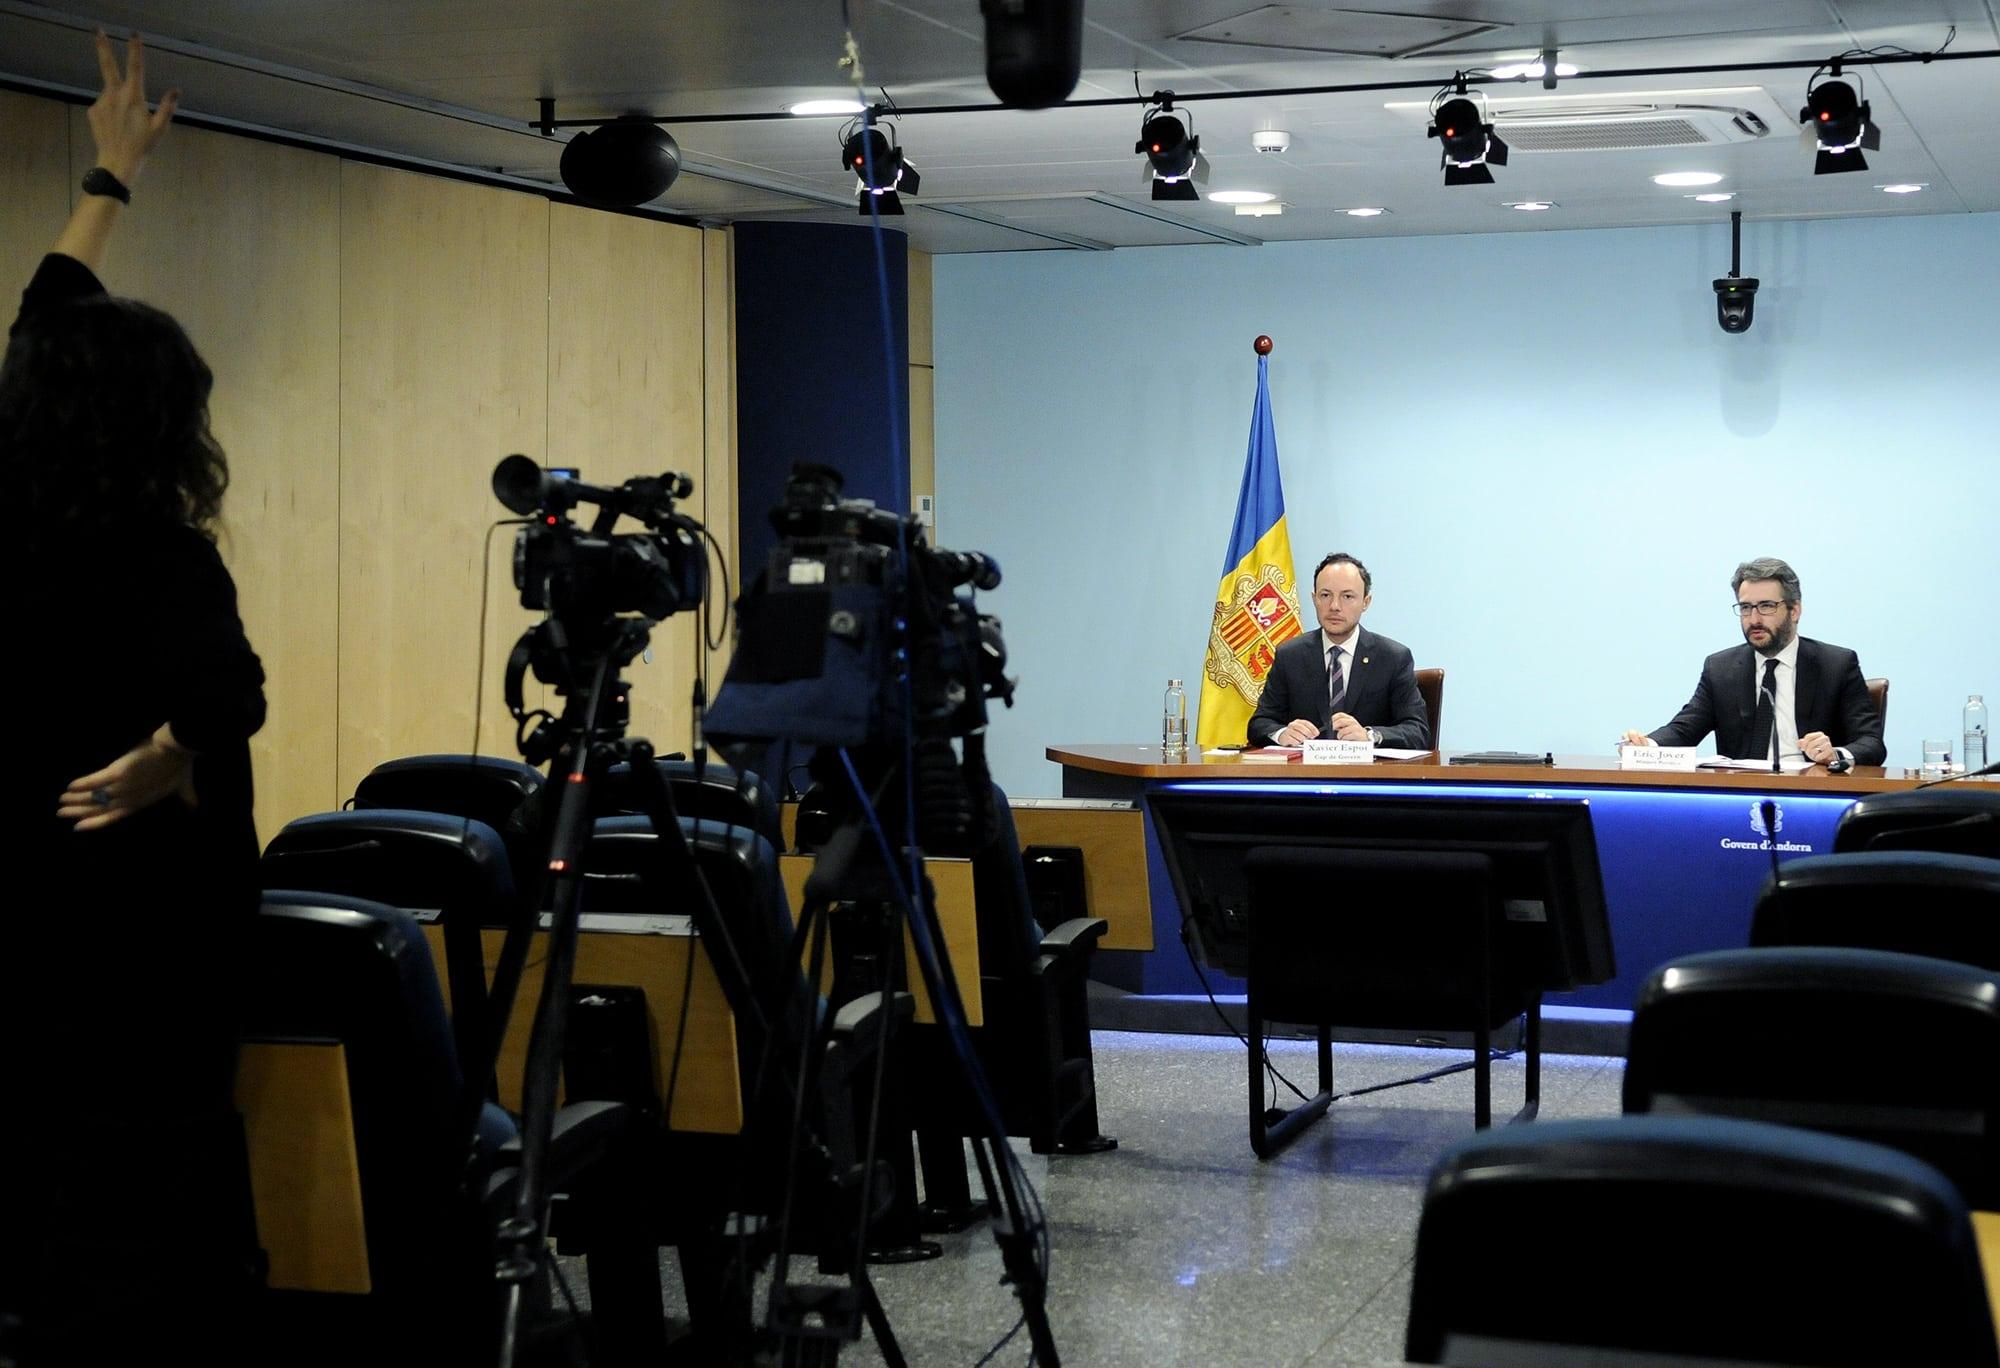 El Govern d'Andorra prorroga 'sine die' les mesures excepcionals per la crisi sanitària